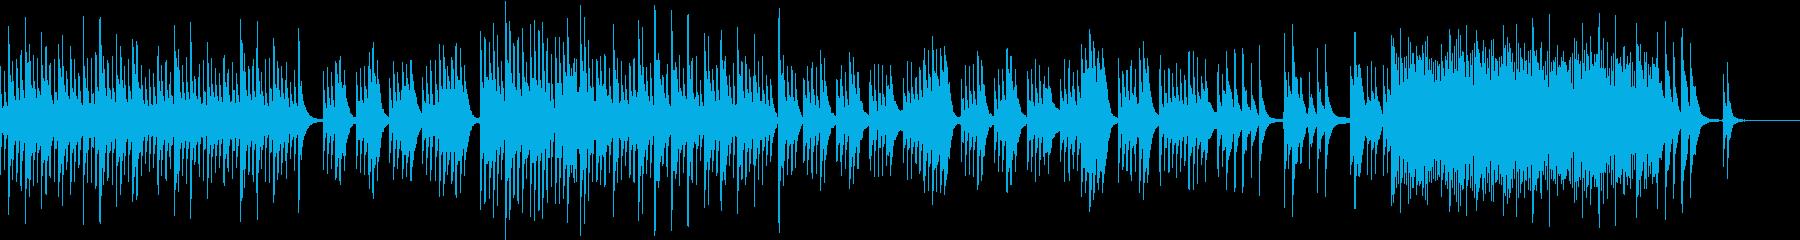 意外となかった?ザ・本格派和風音楽1の再生済みの波形